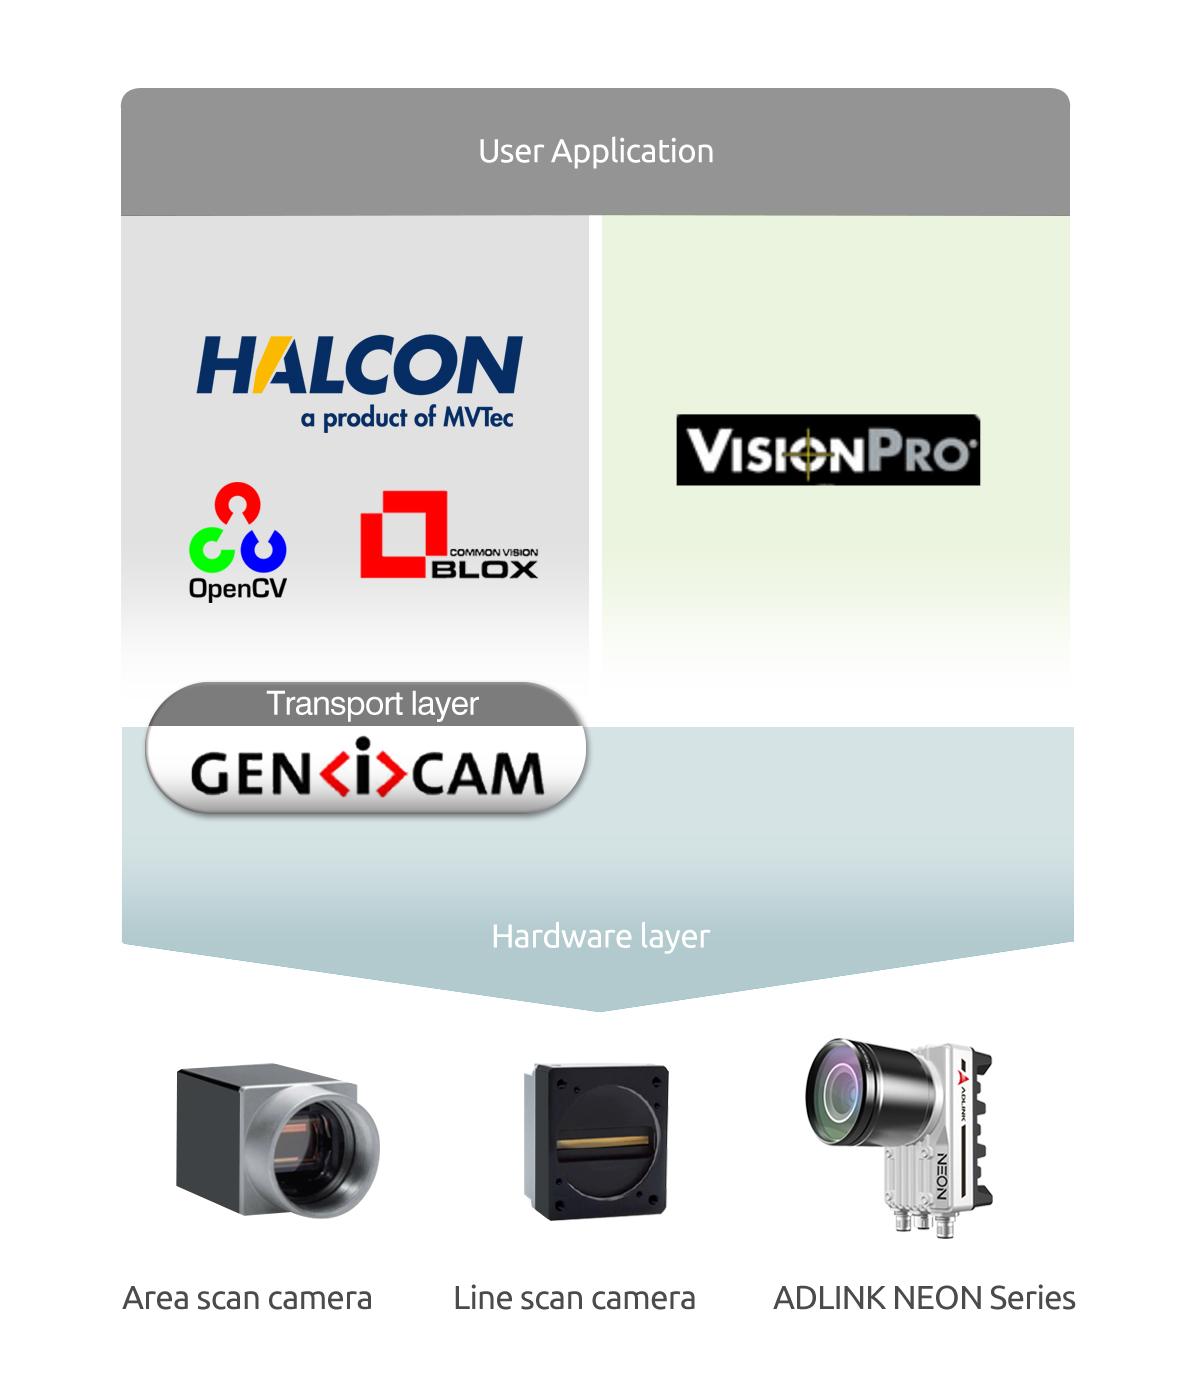 cámara inteligente QNV-Adlink-Neon-1040 apps de terceros